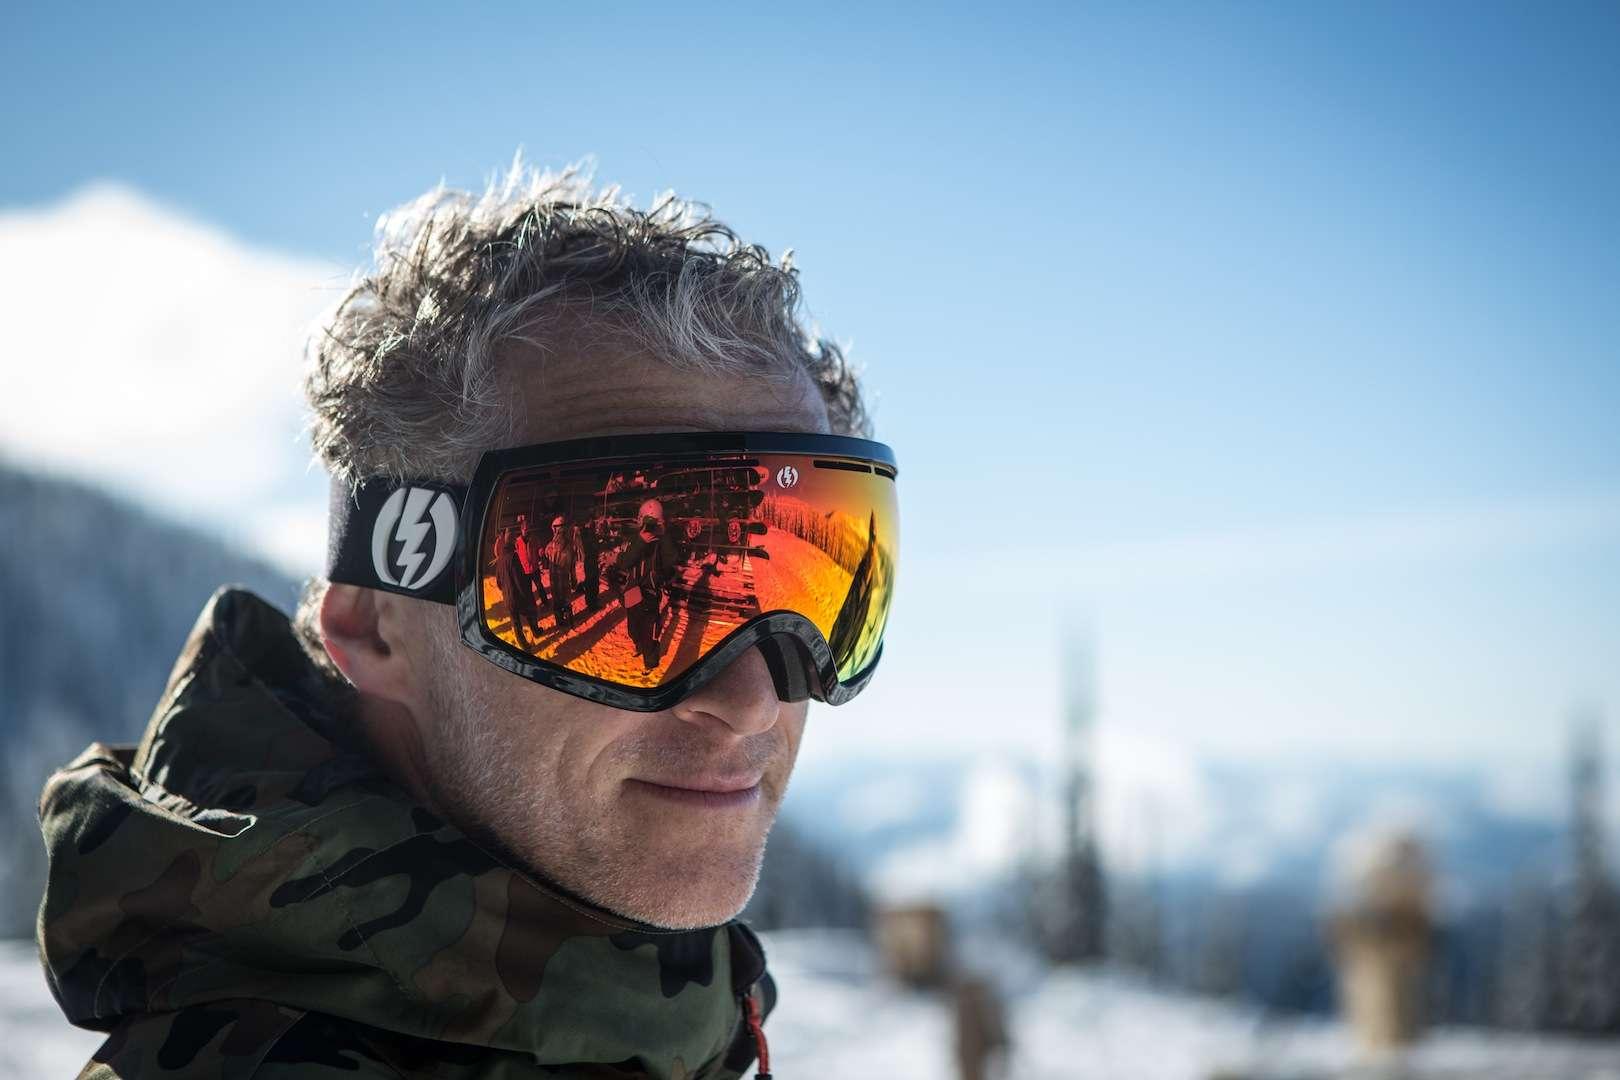 Danny Coster ski googles